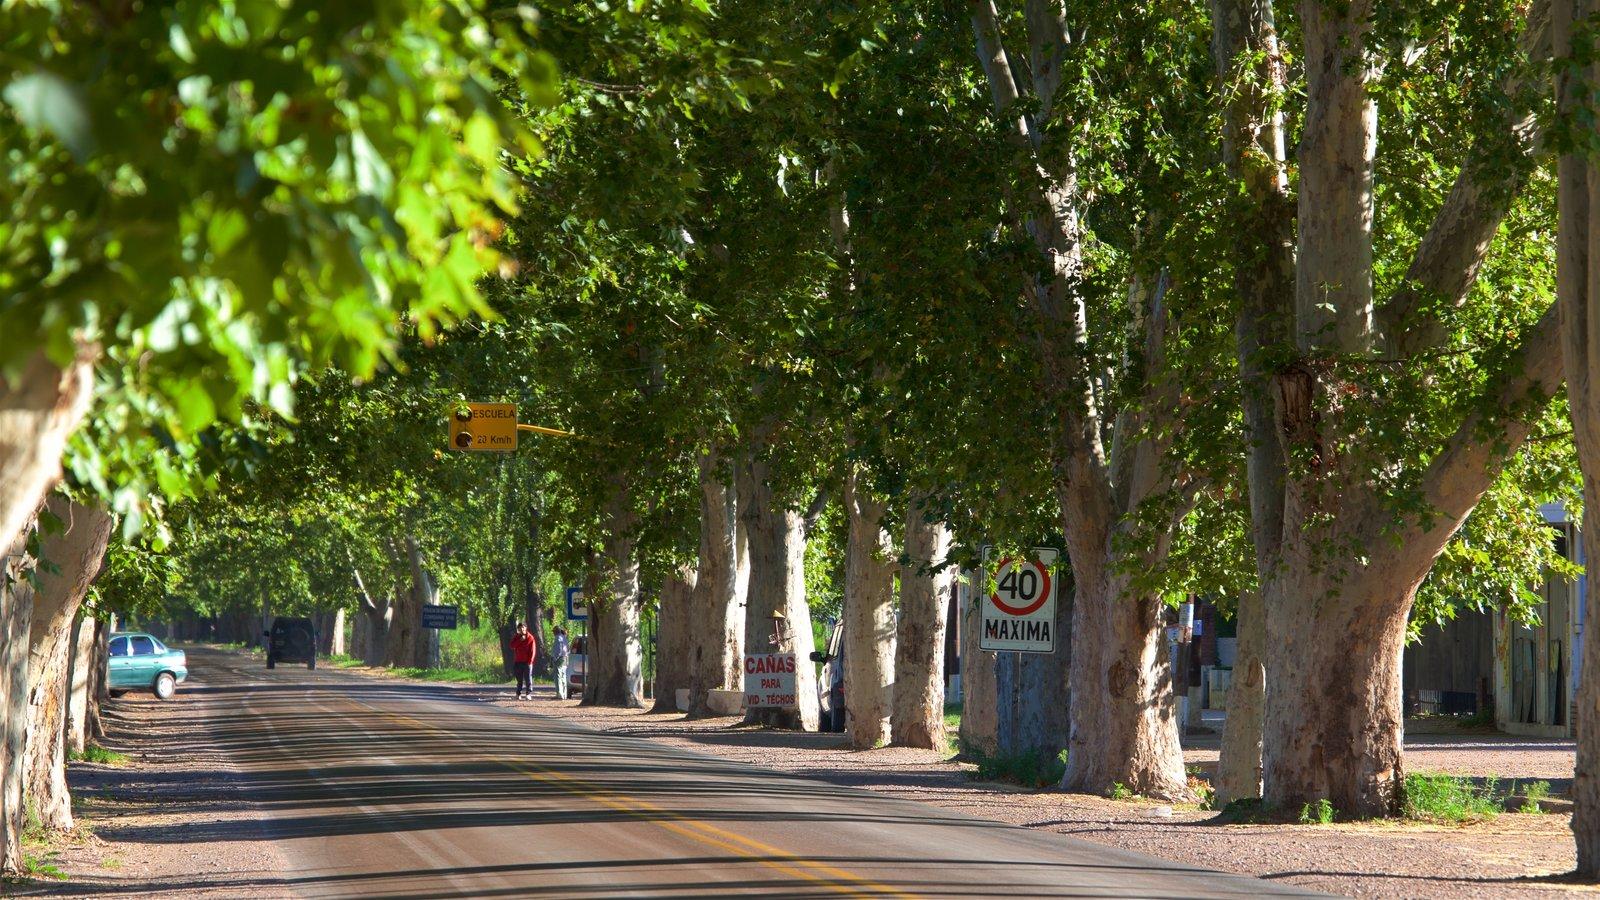 Região Vinícola de Mendoza caracterizando cenas de rua